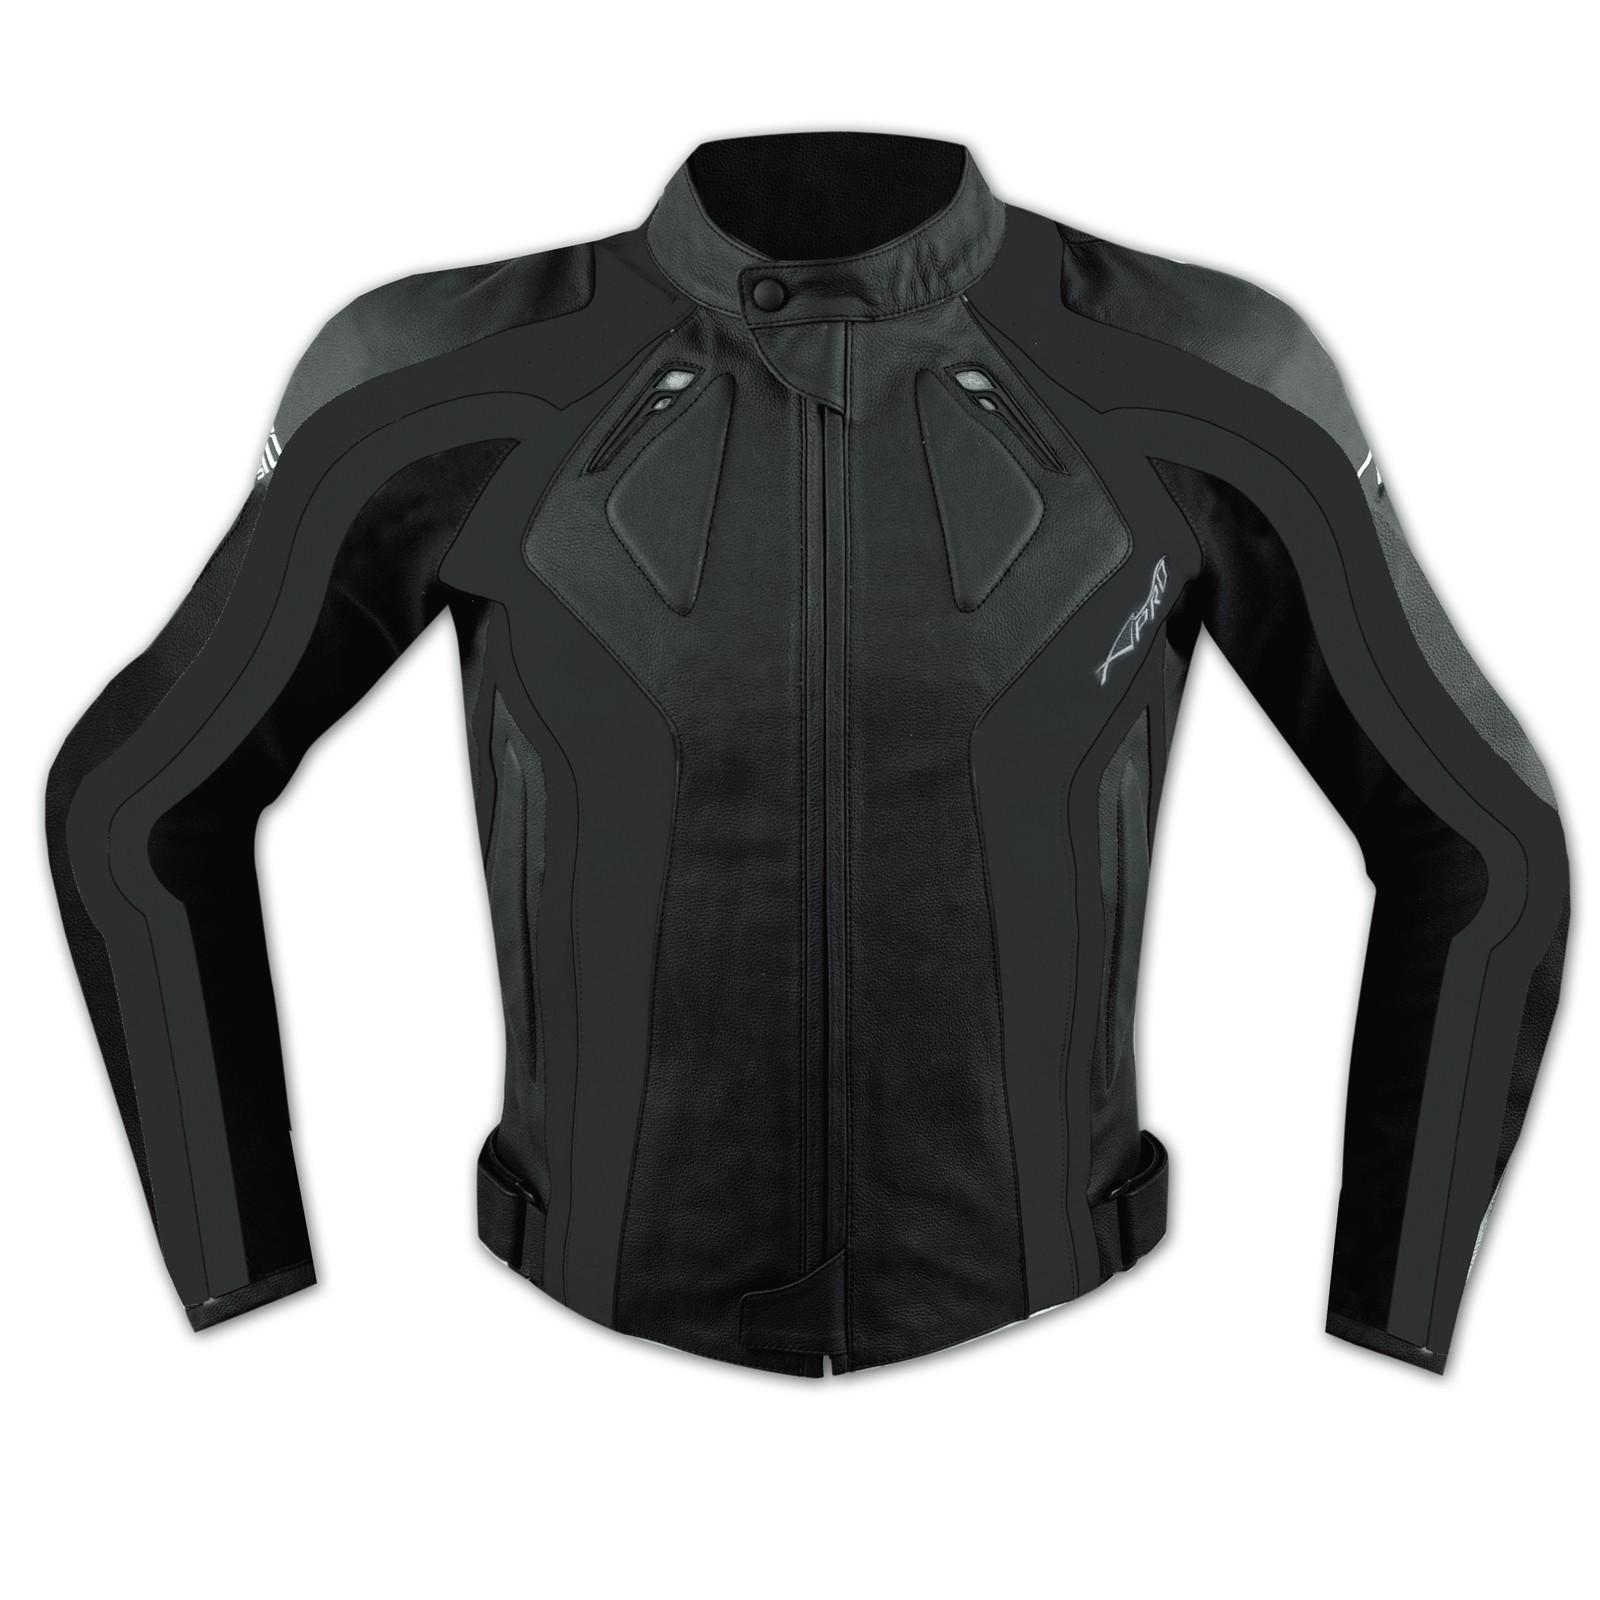 Giacca Donna Lady Moto Pelle Protezioni Omologate CE Rinforzo Schiena Nero